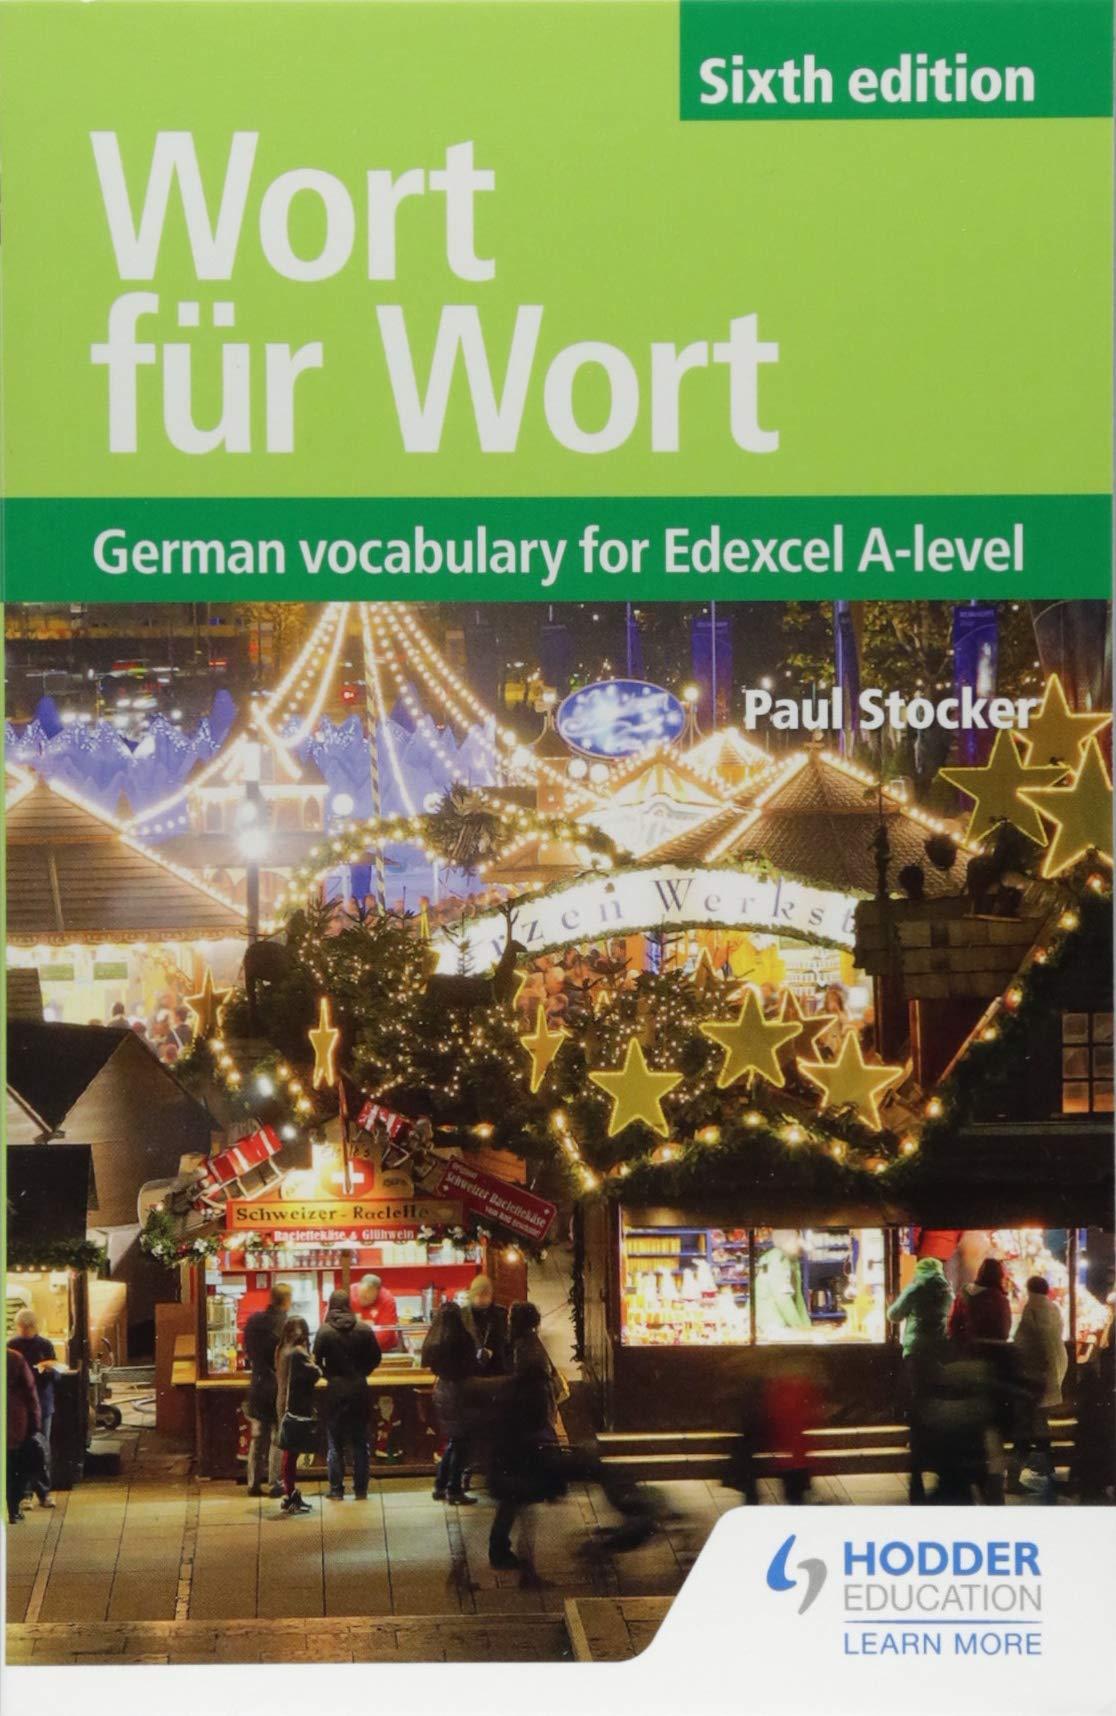 Wort für Wort Sixth Edition: German Vocabulary for Edexcel A-level